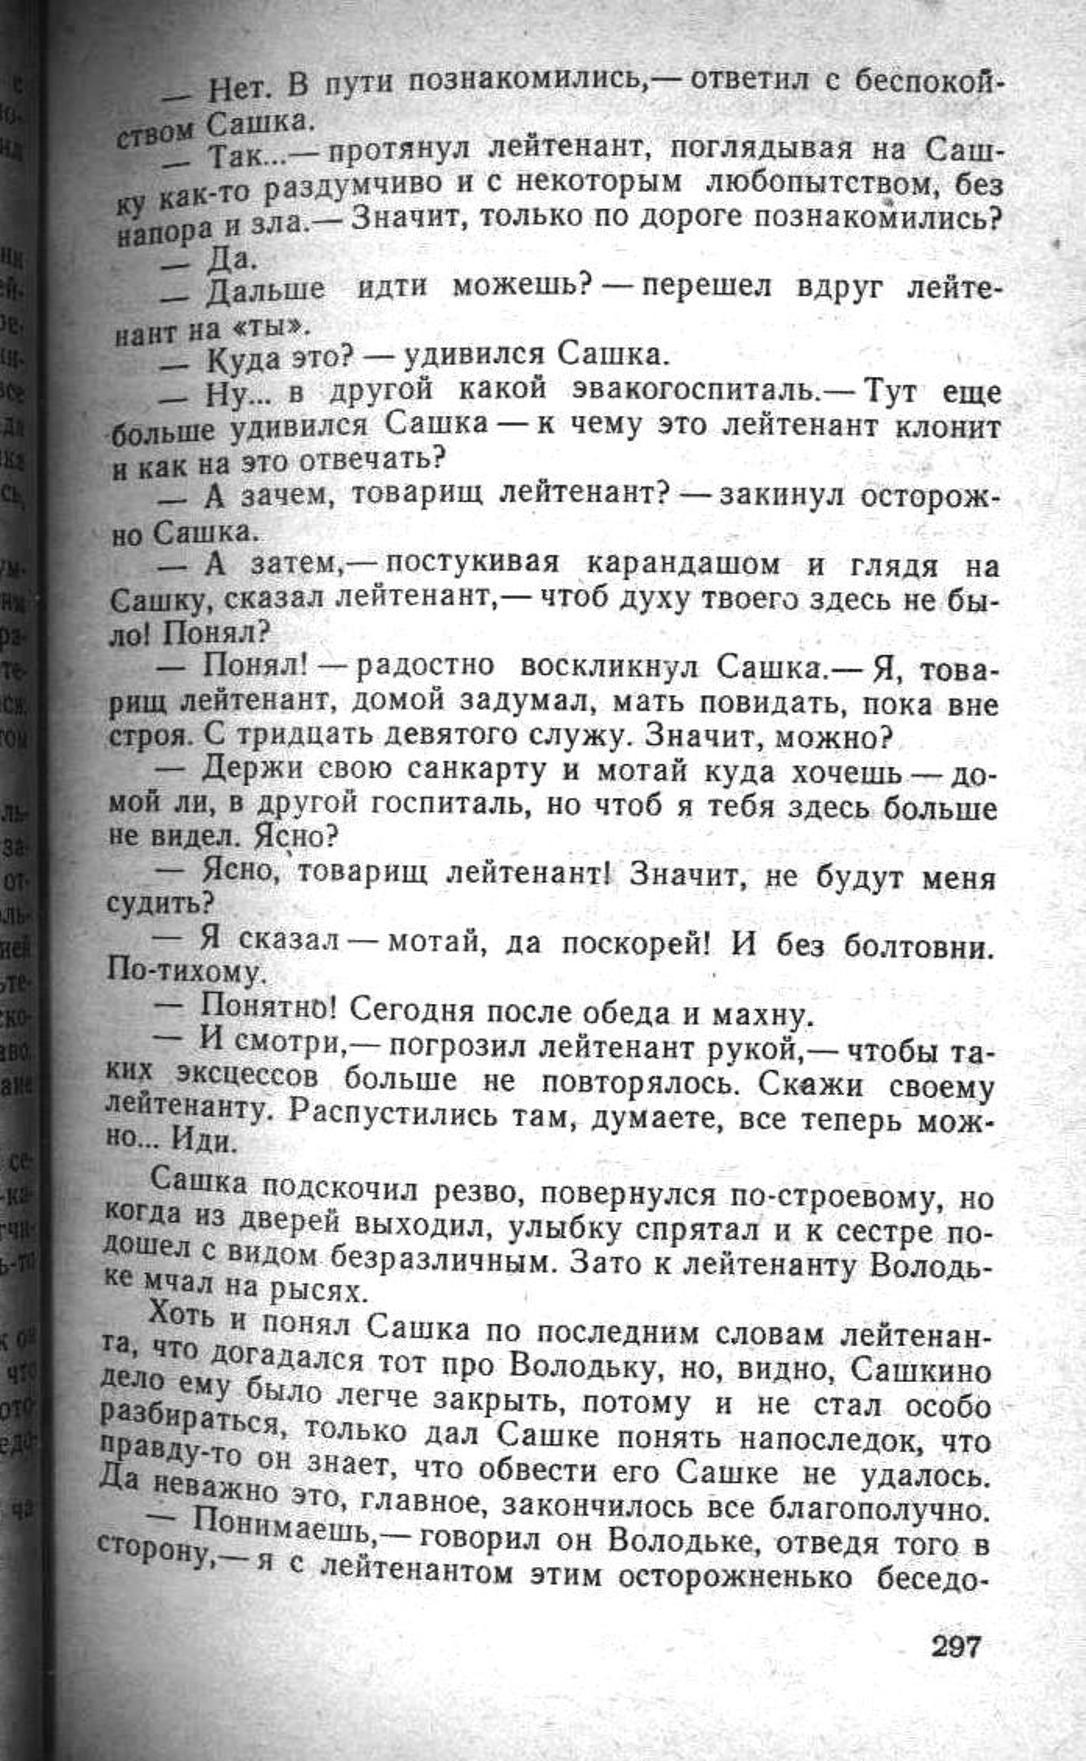 Сашка. Повесть. Вячеслав Кондратьев. 018. 006